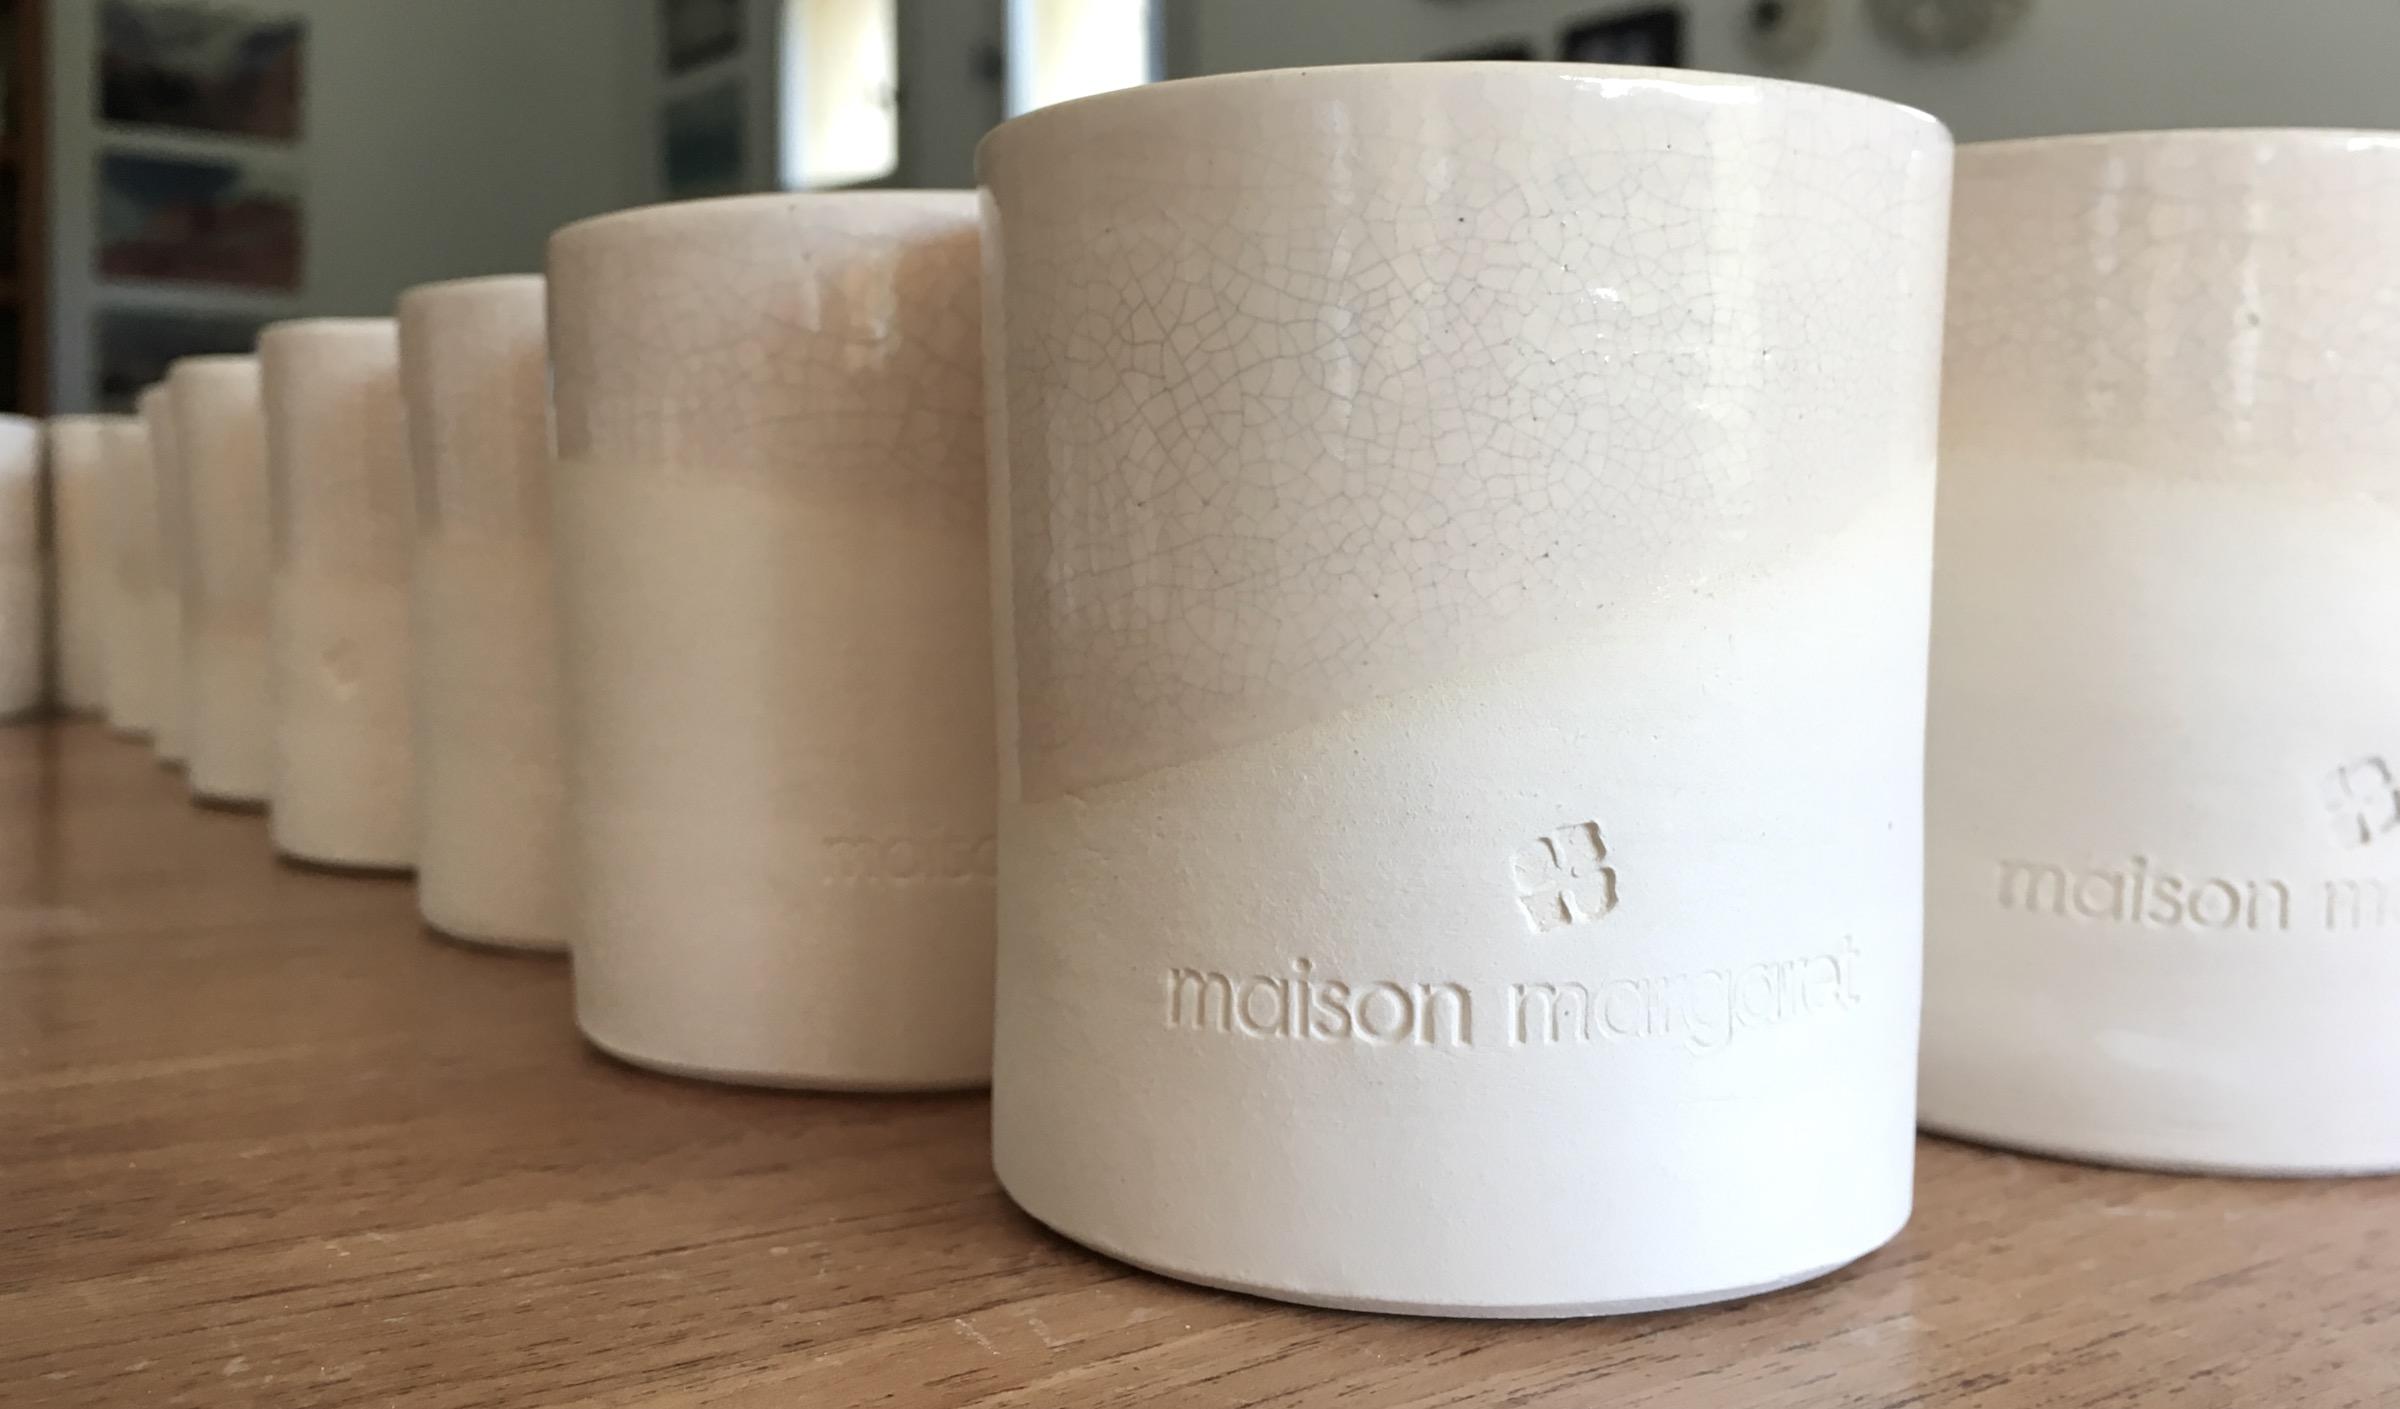 Maison Margaret X Dai ceramic